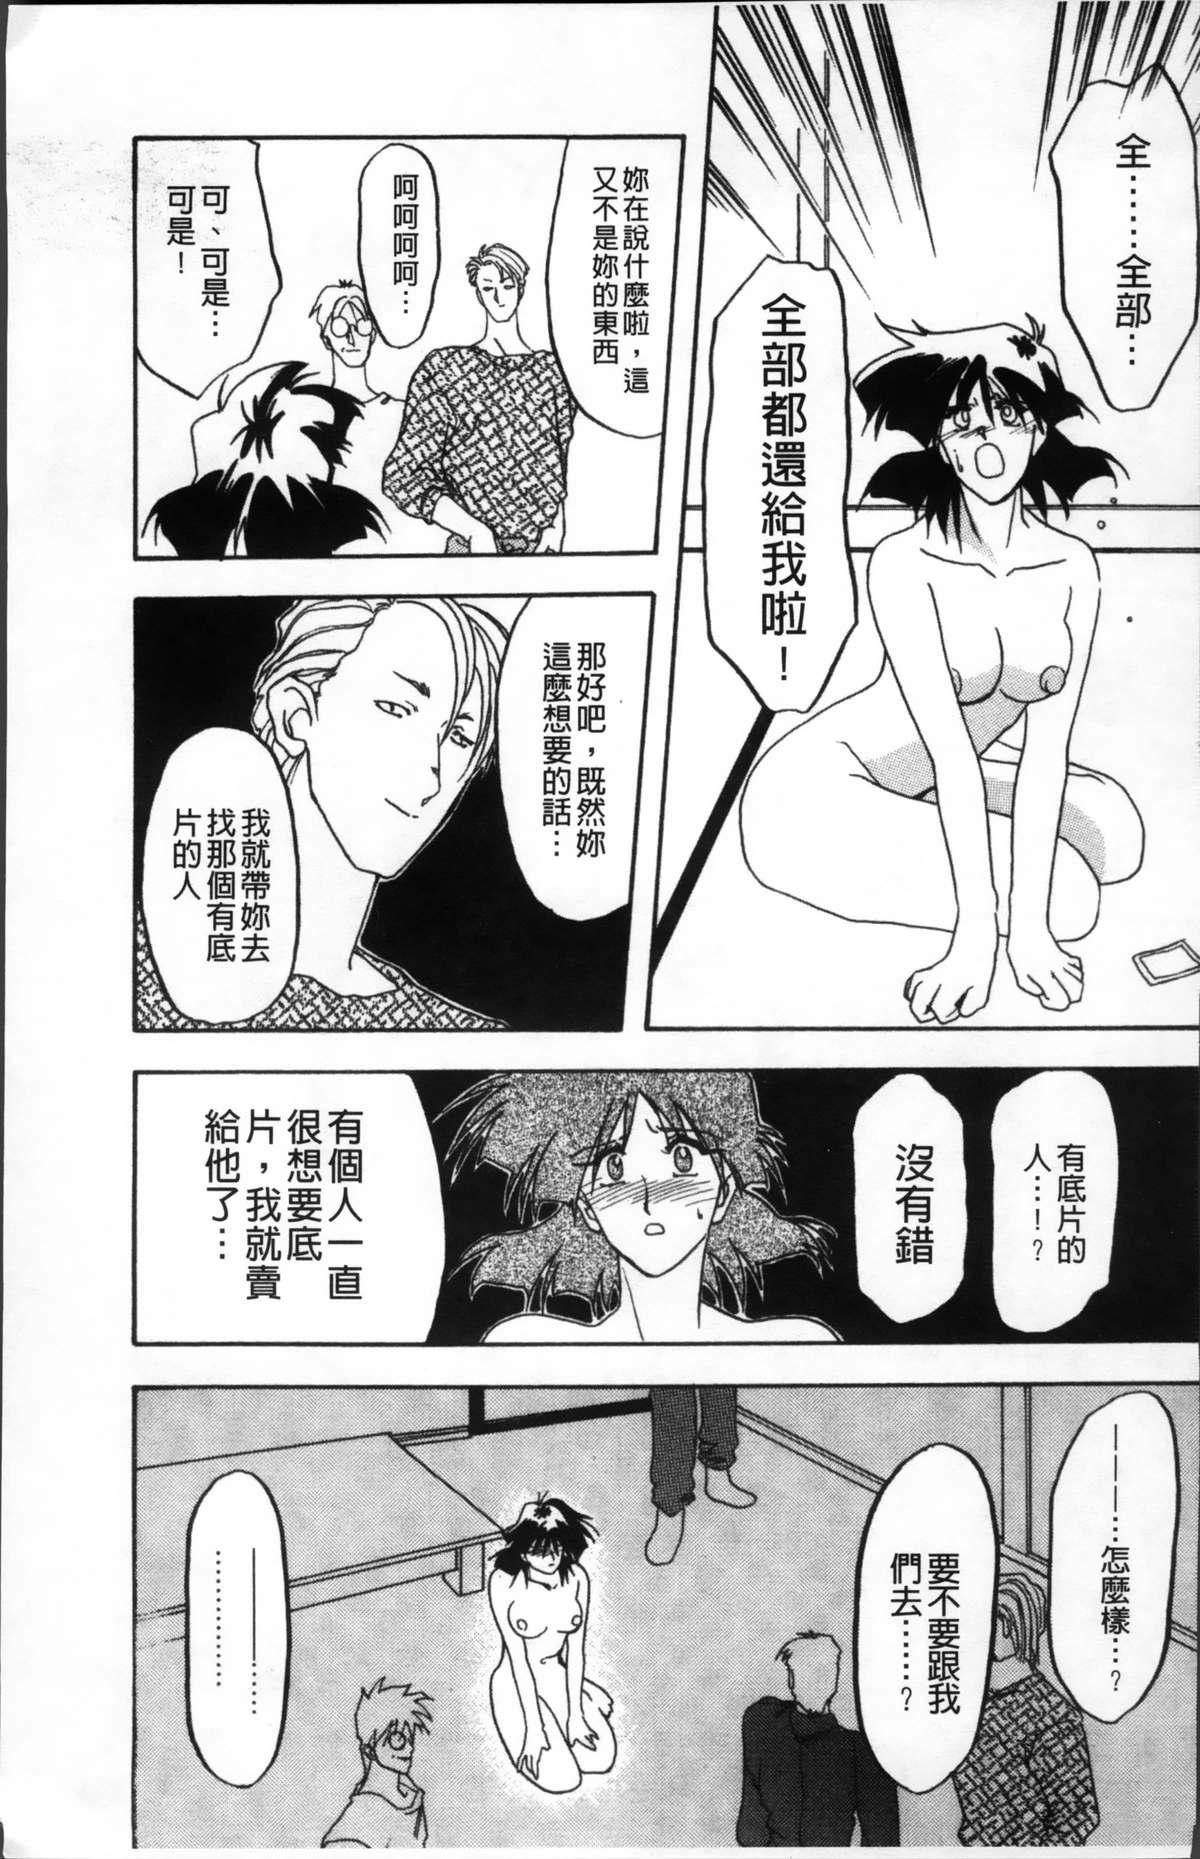 Hiiro no Koku Kanzenban   緋色之刻 完全版 92